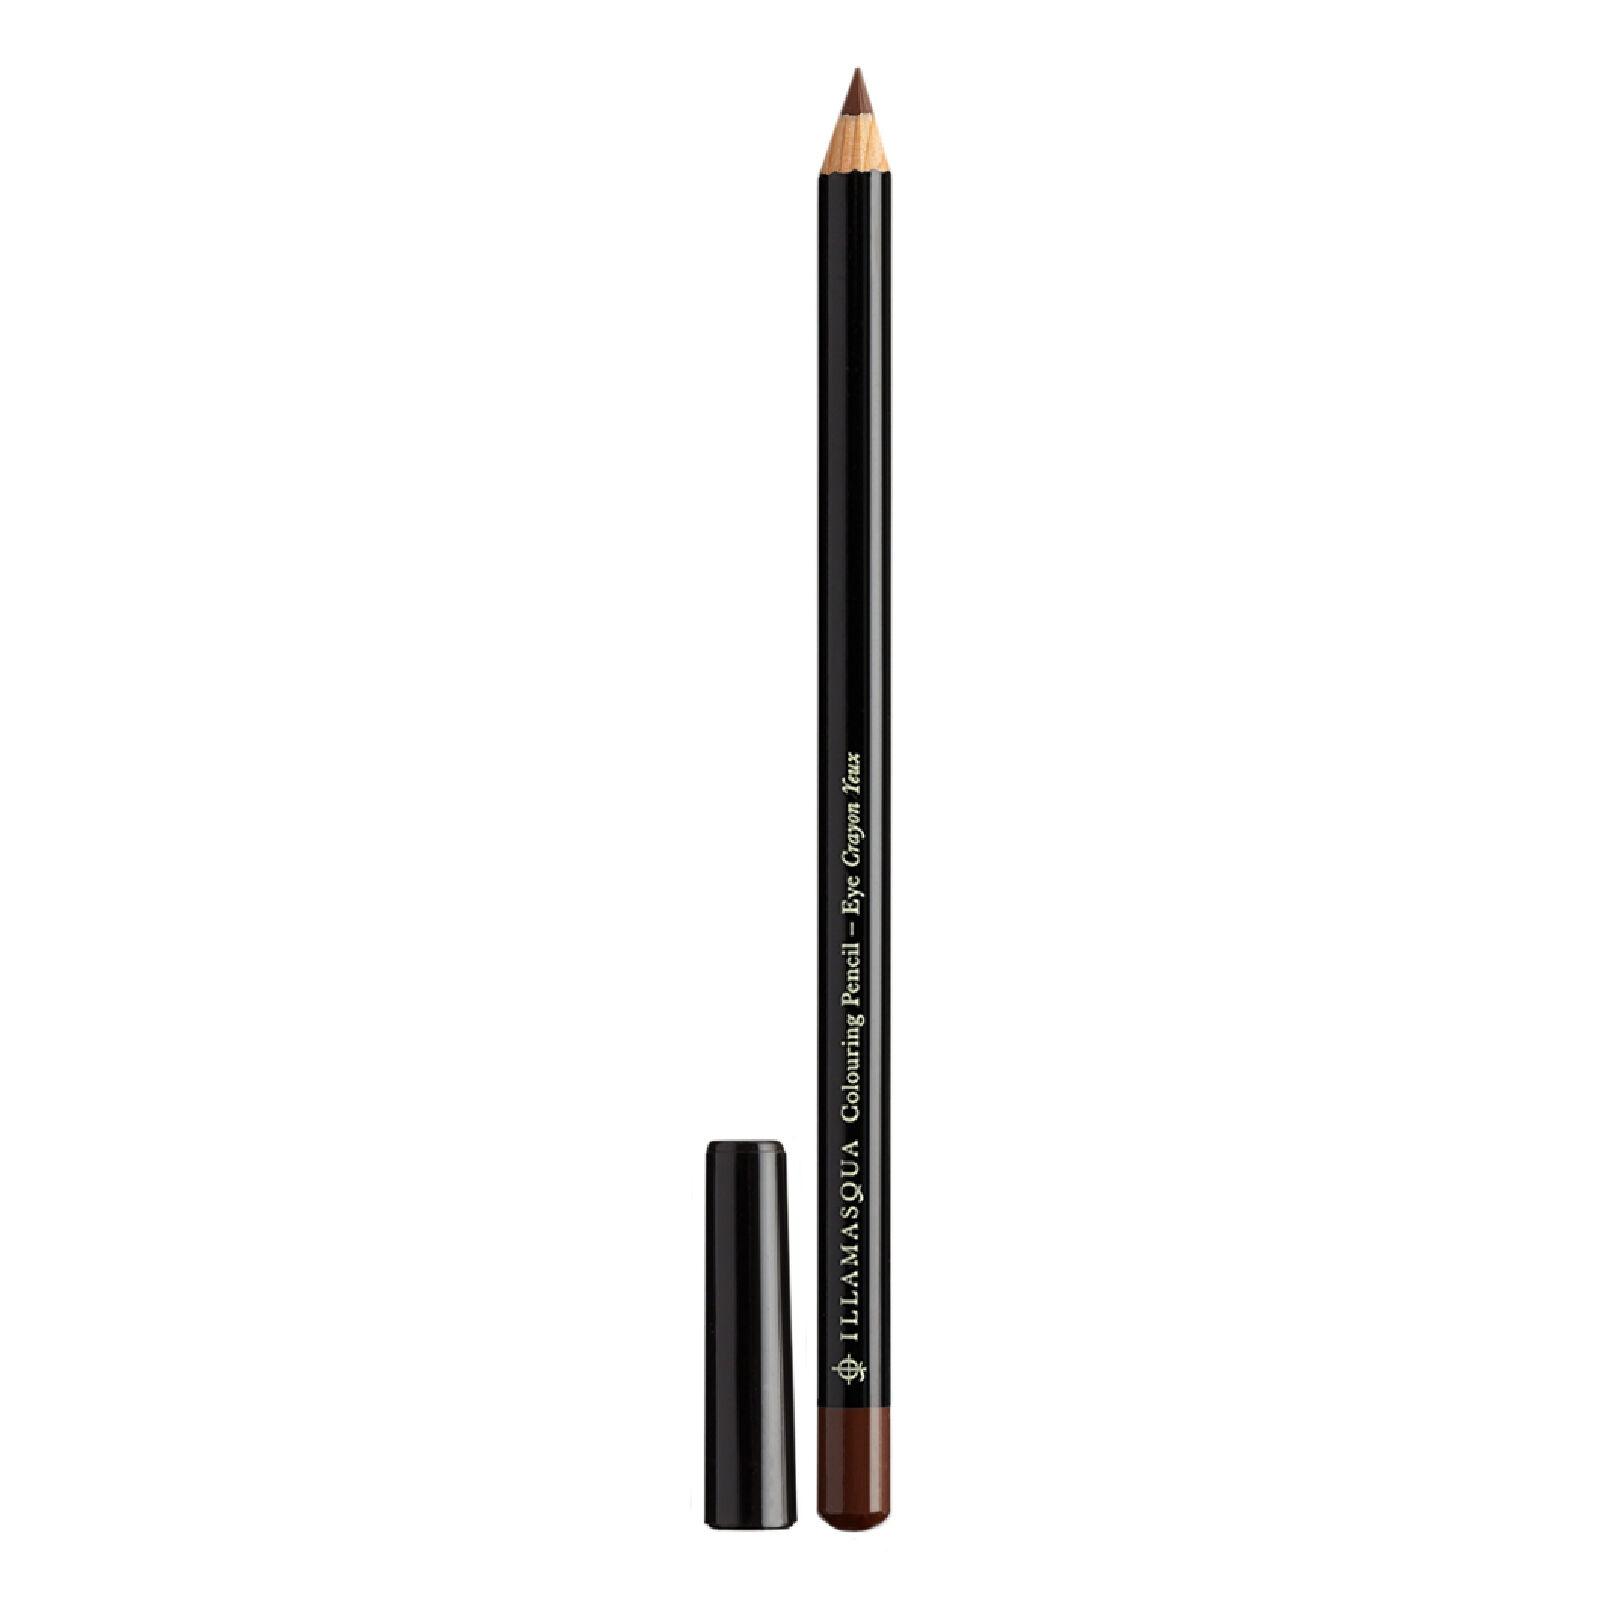 Illamasqua Crayon pour les Yeux Illamasqua 1,4g (différentes teintes disponibles) - Fidelity